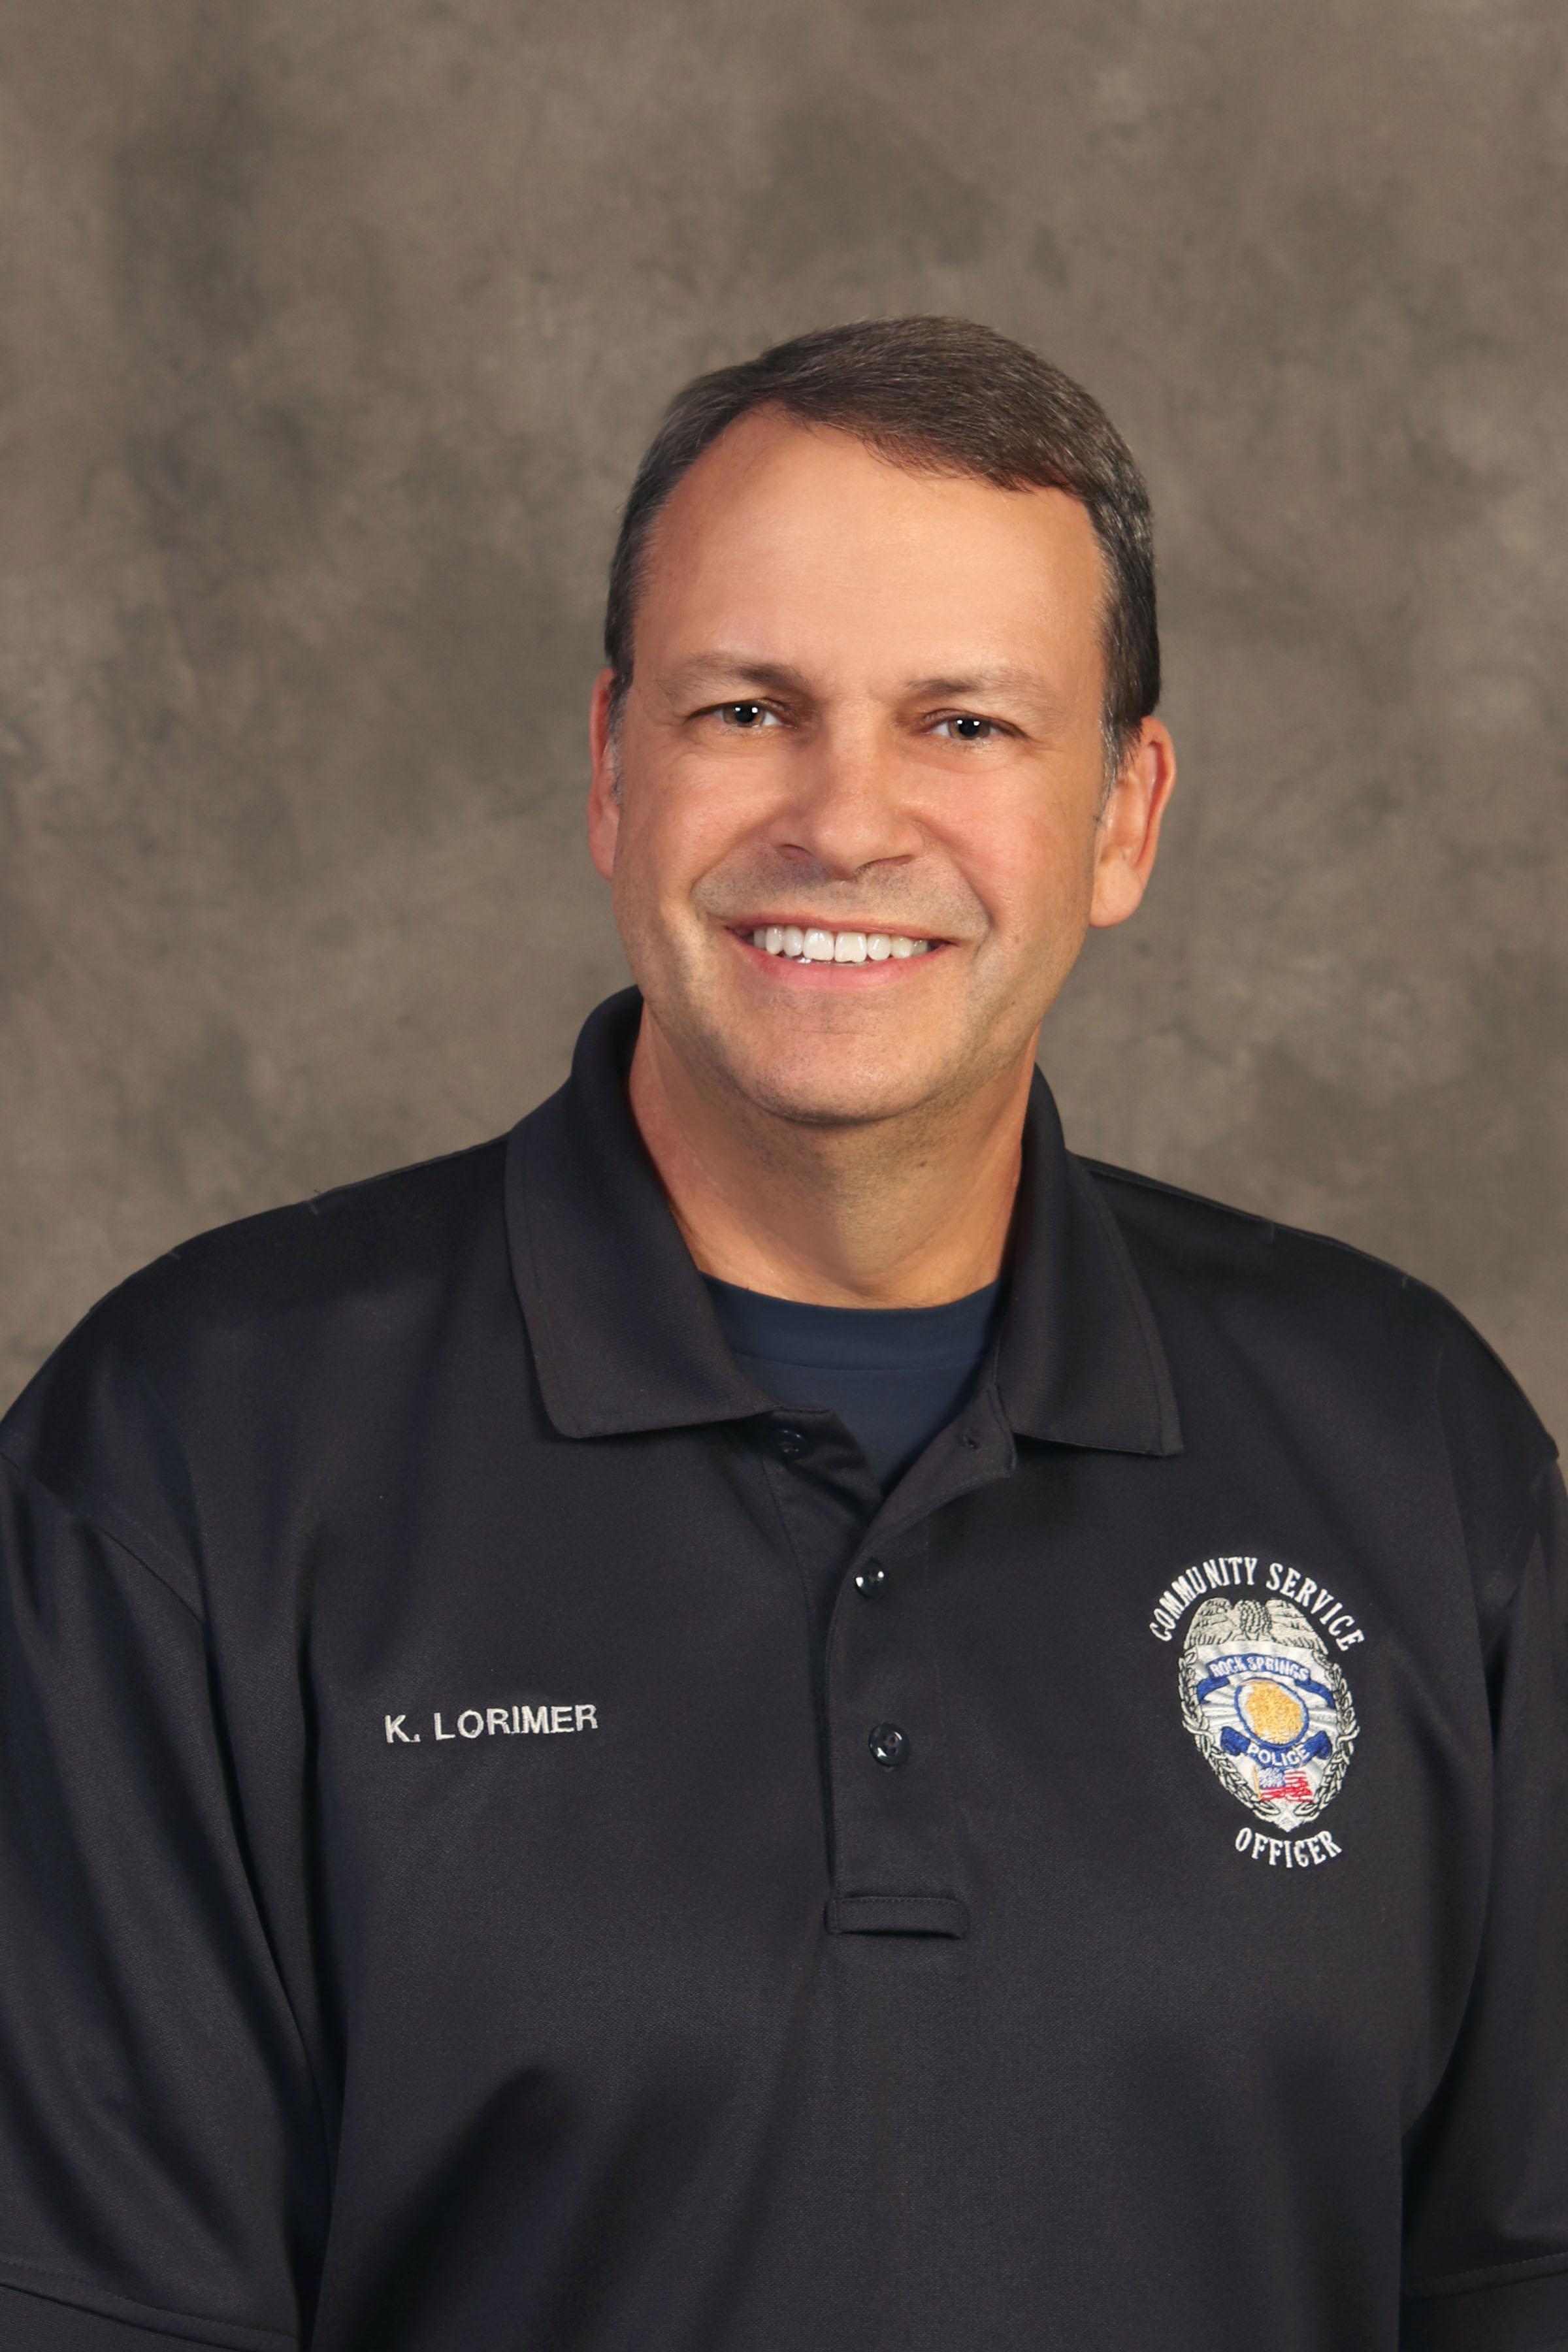 Ken Lorimer